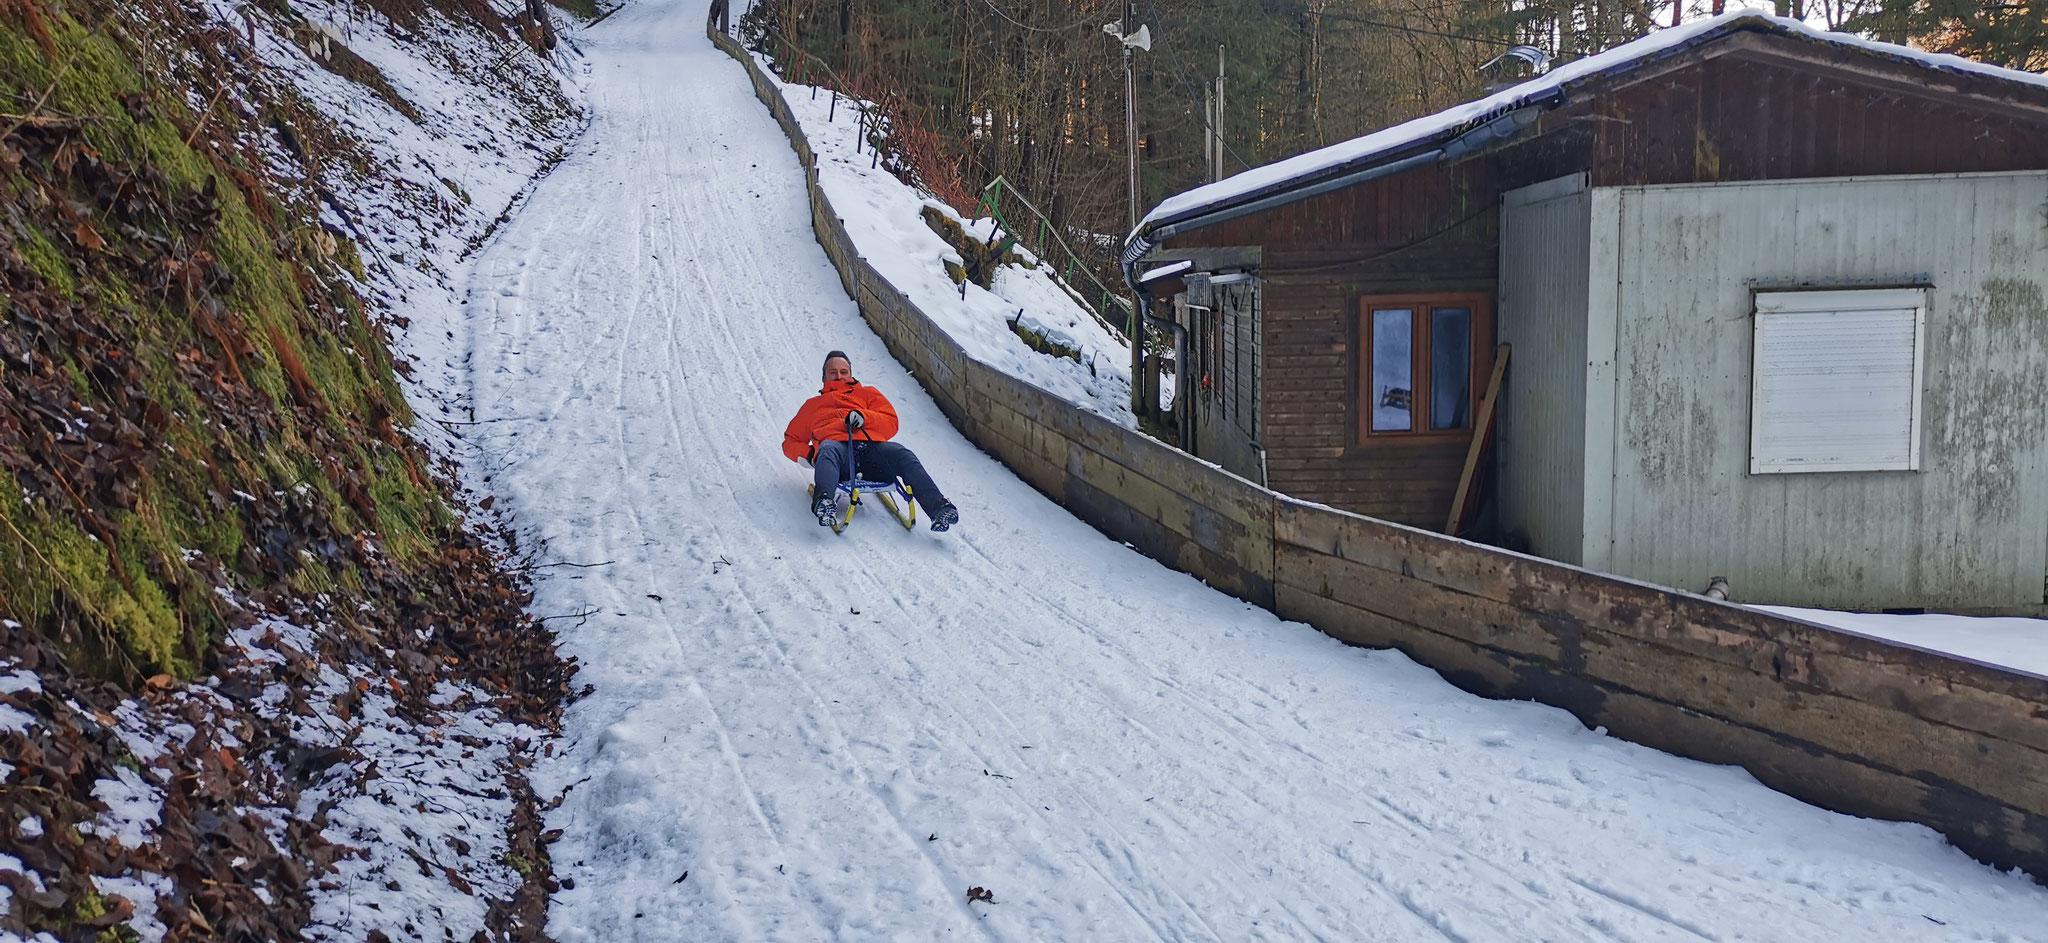 Am Bild Bürgermeister Günther Vallant in Action. (Foto: RC Mondi)